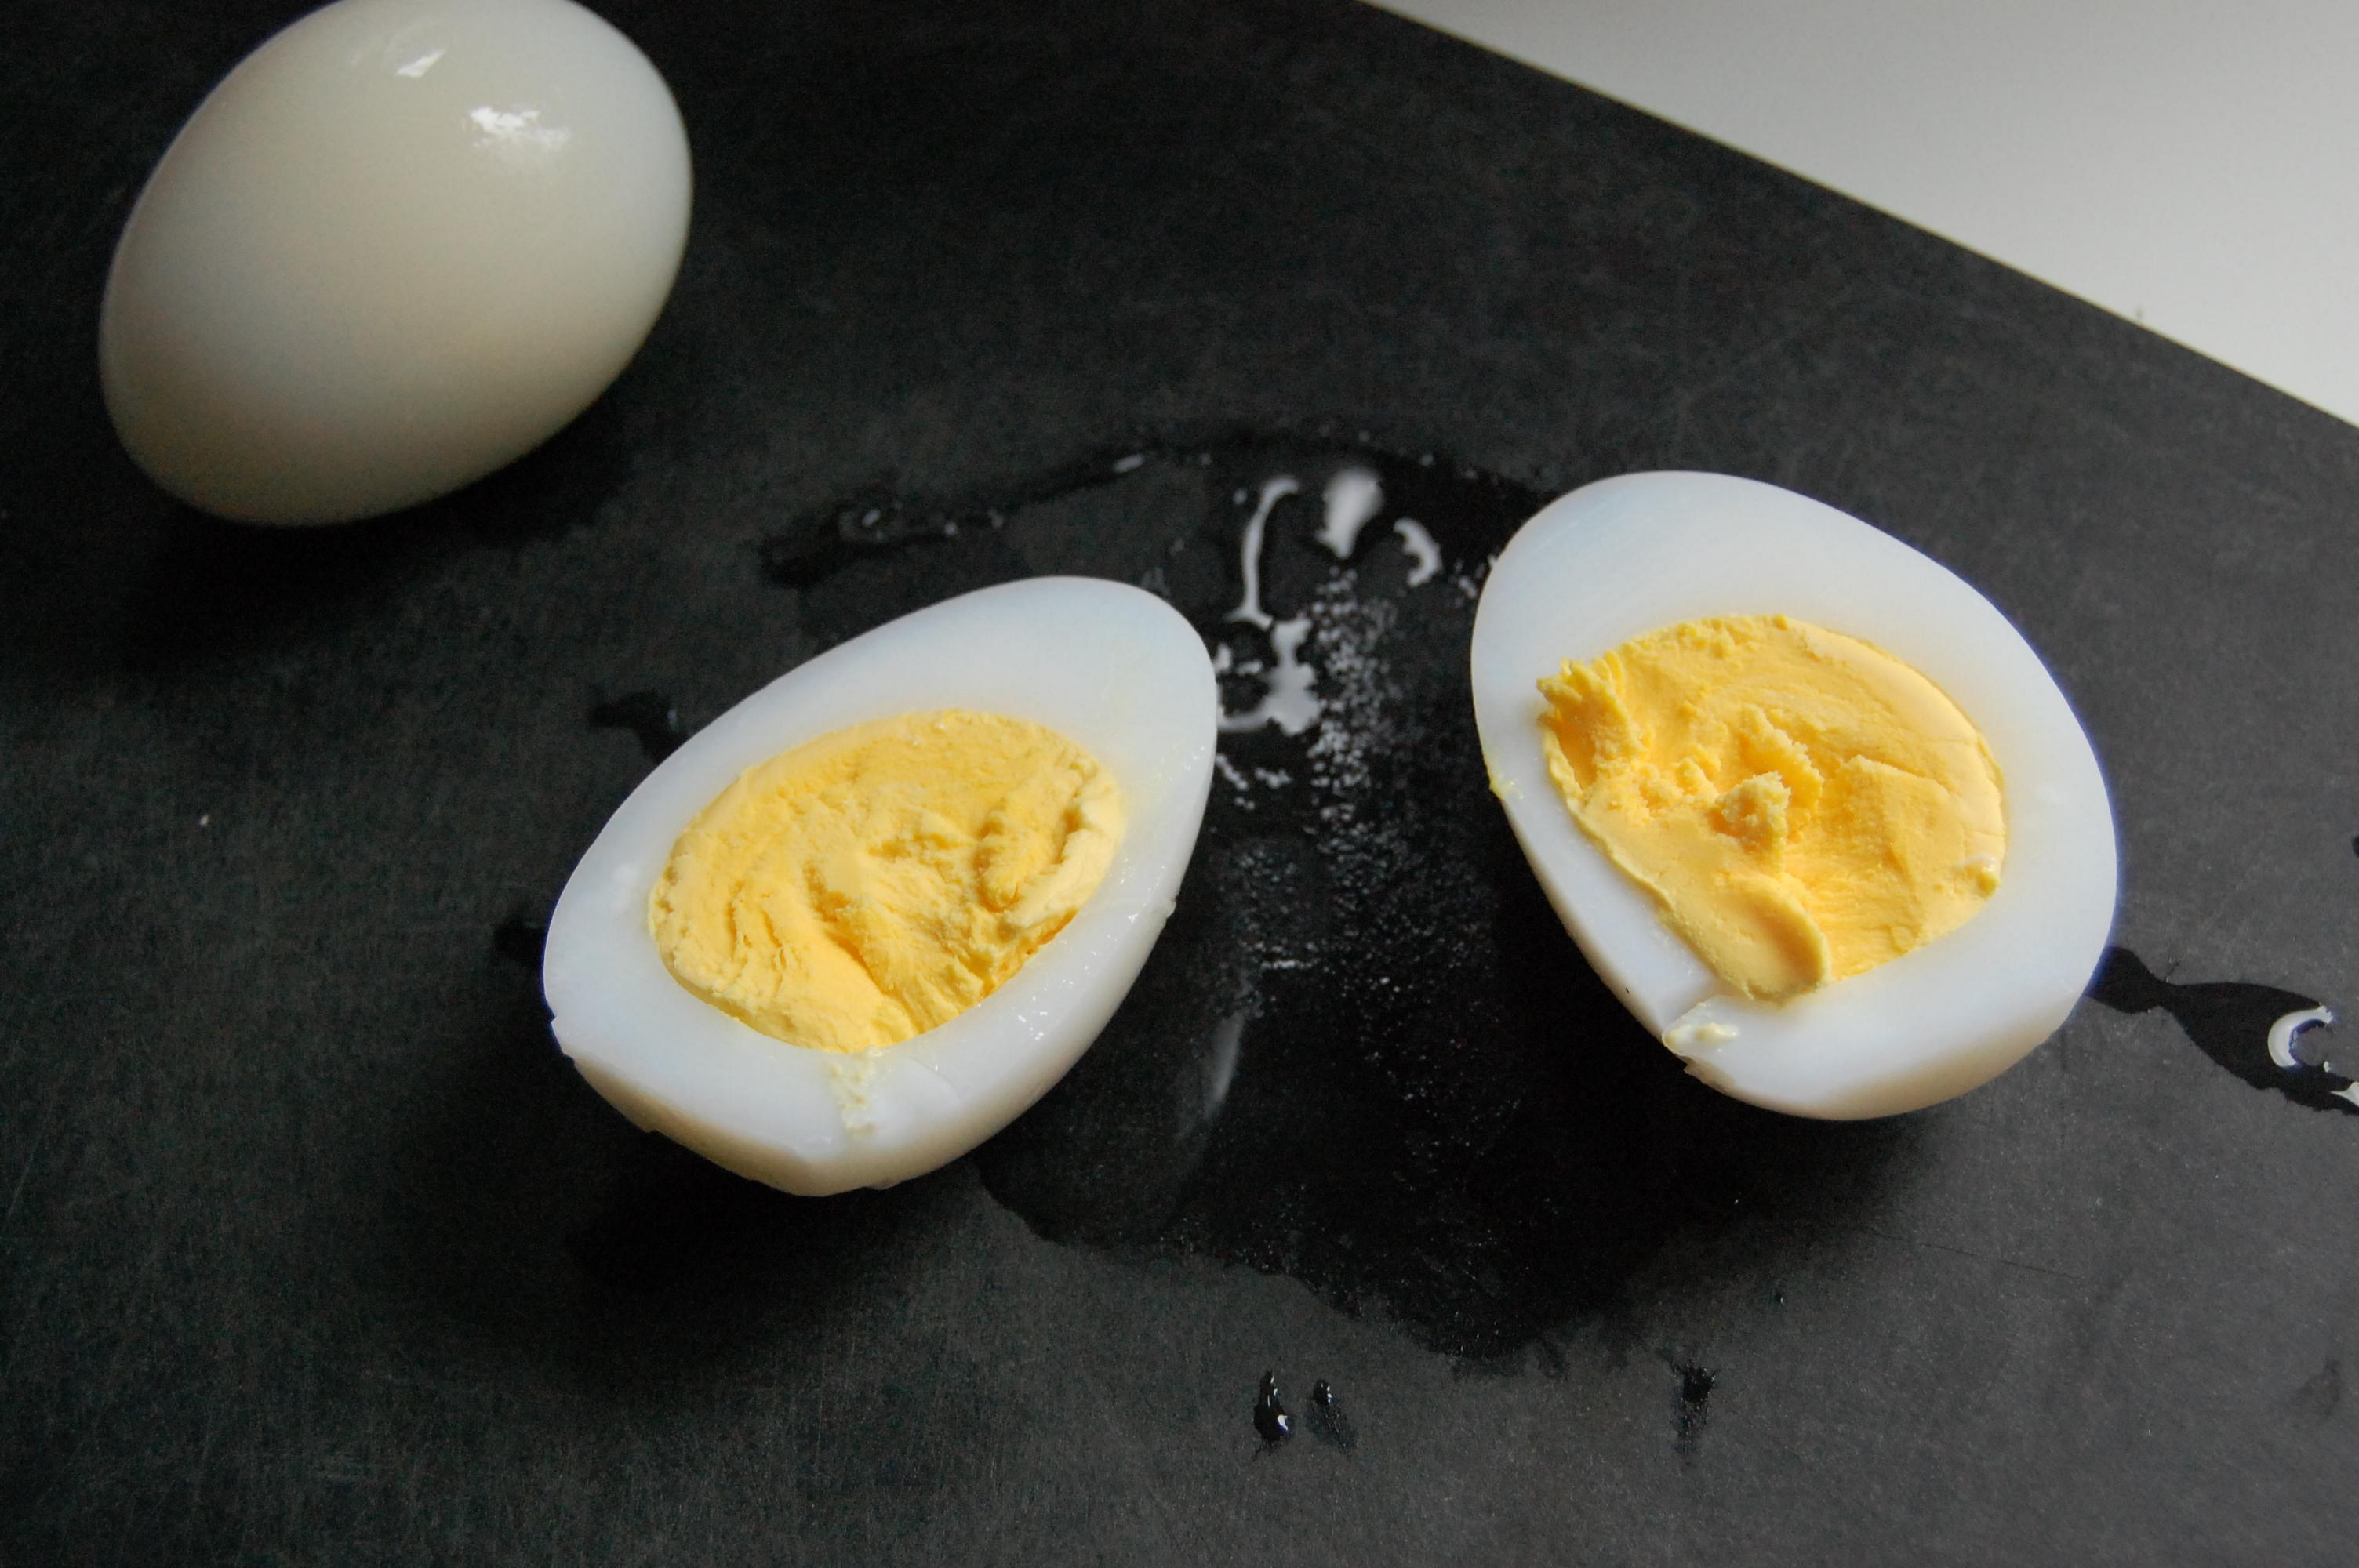 Boil goose eggs how long